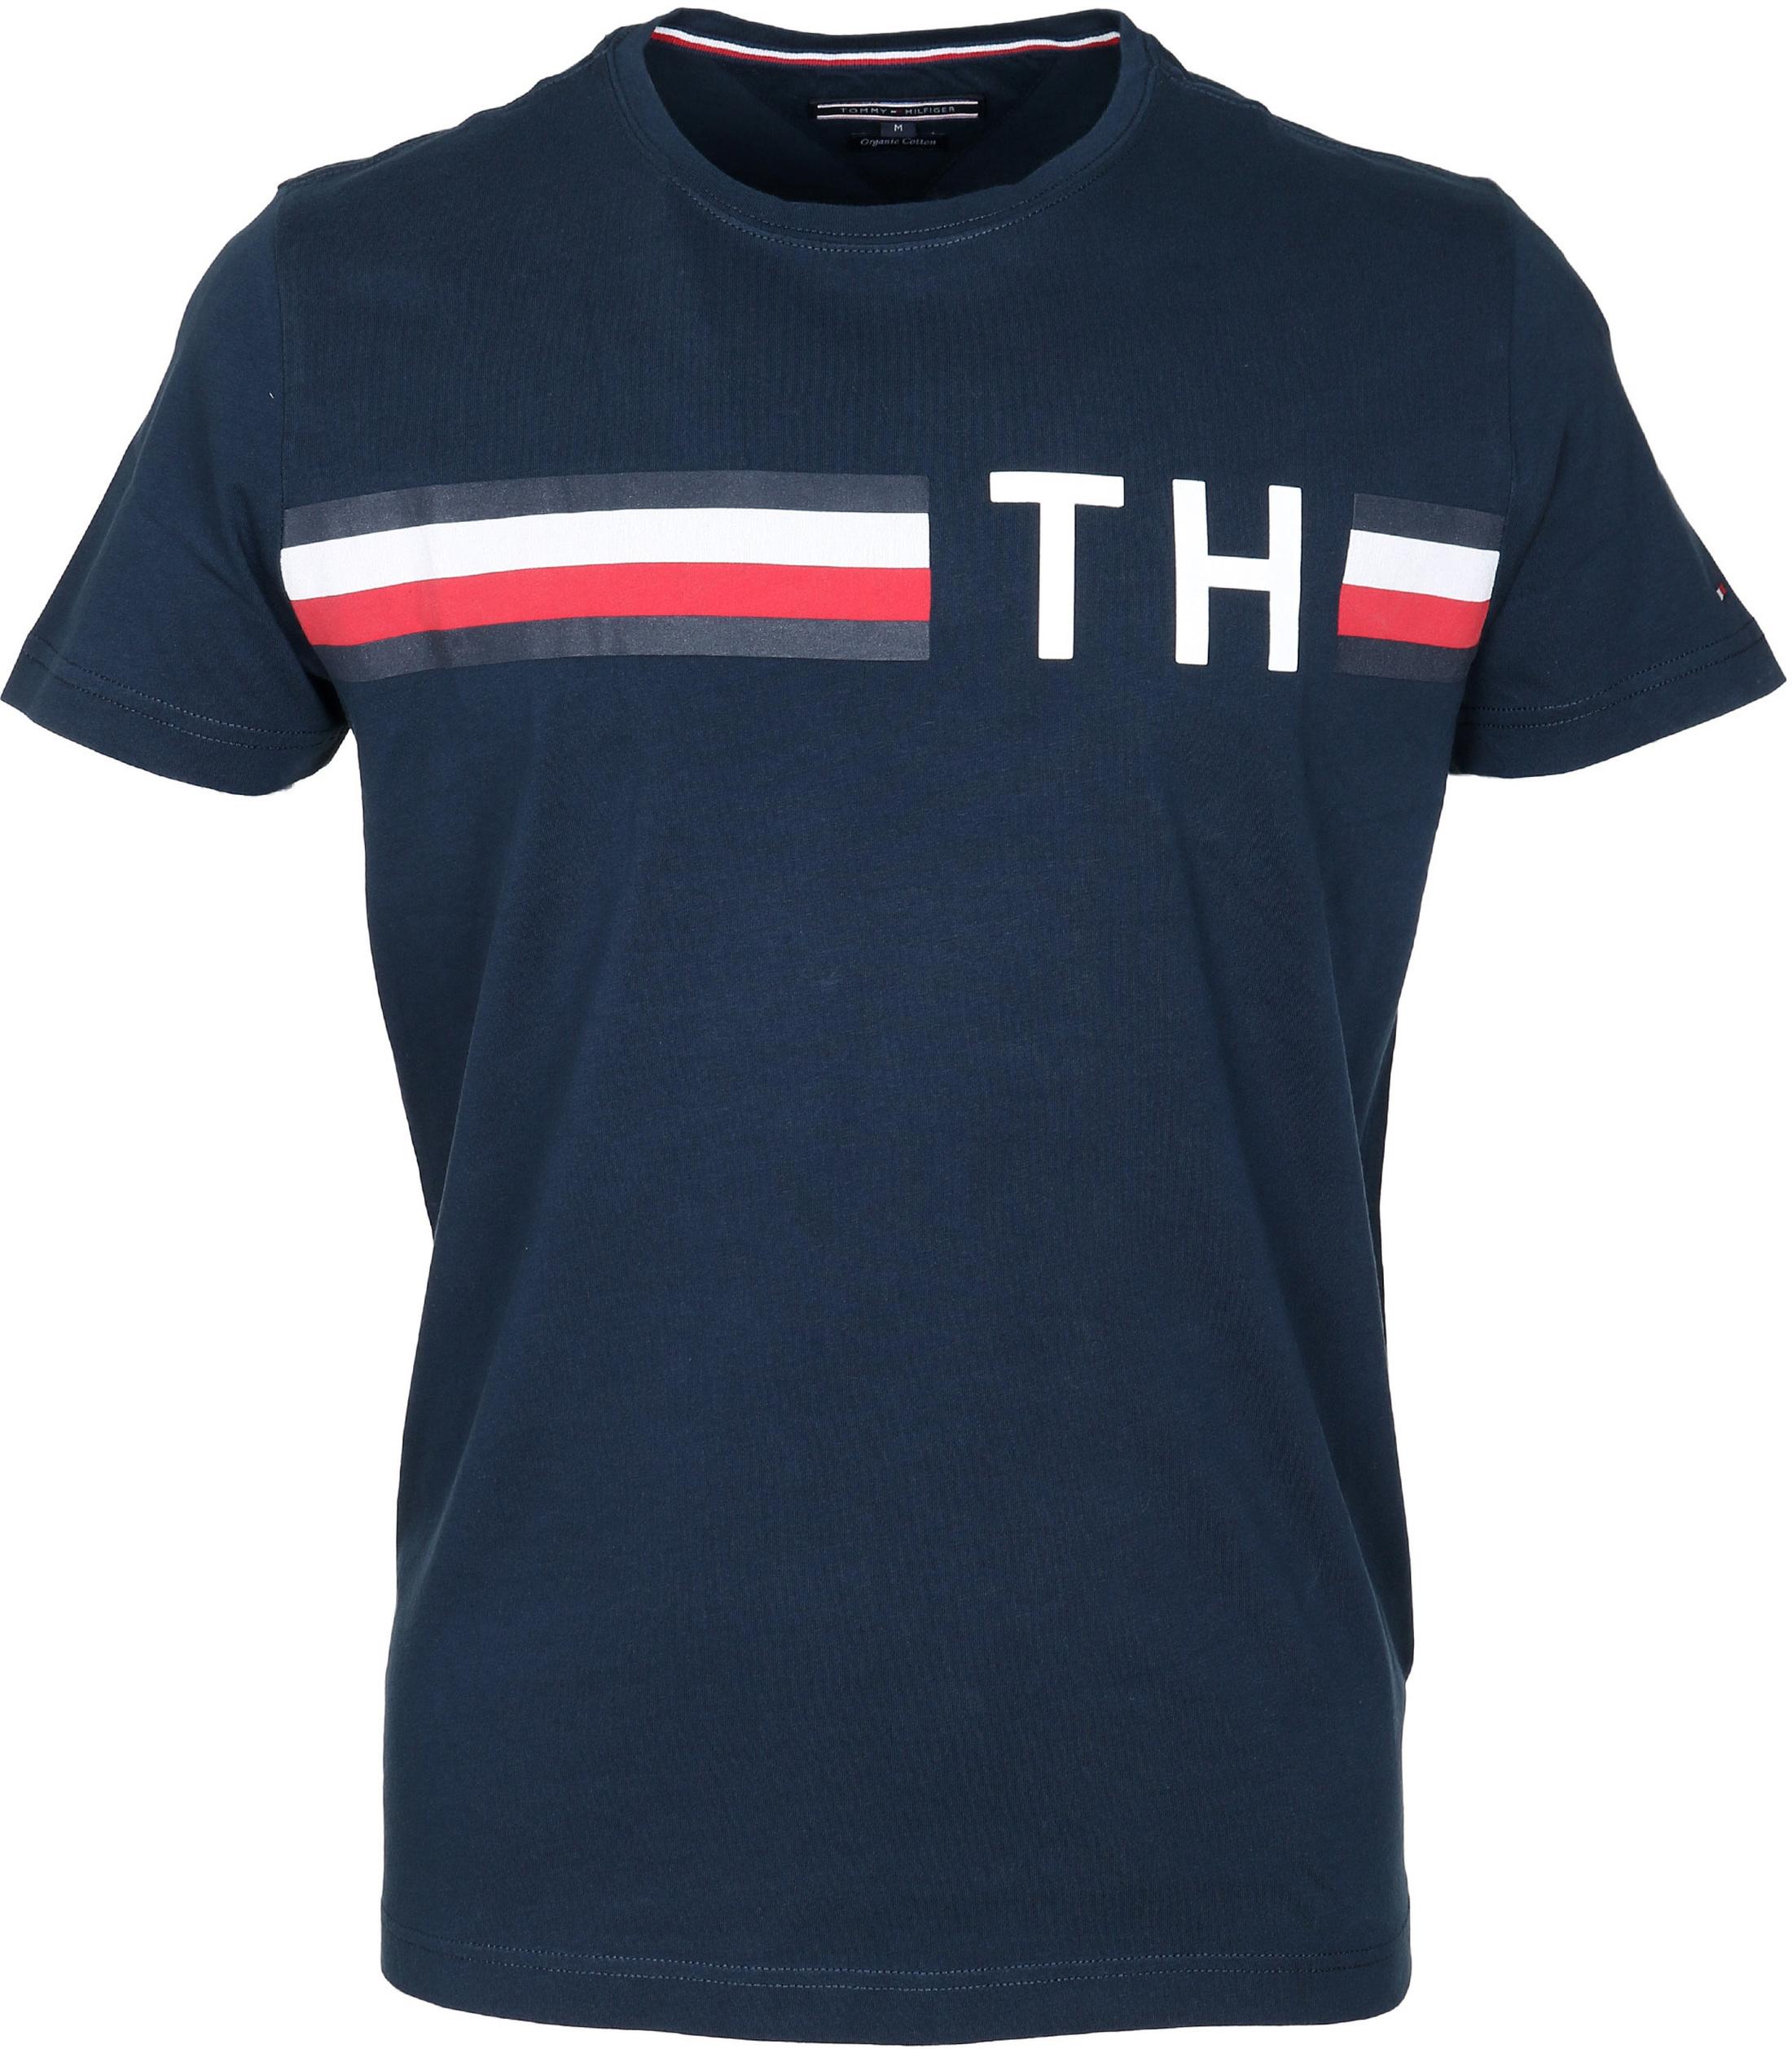 Tommy Hilfiger T-shirt TH Blauw foto 0